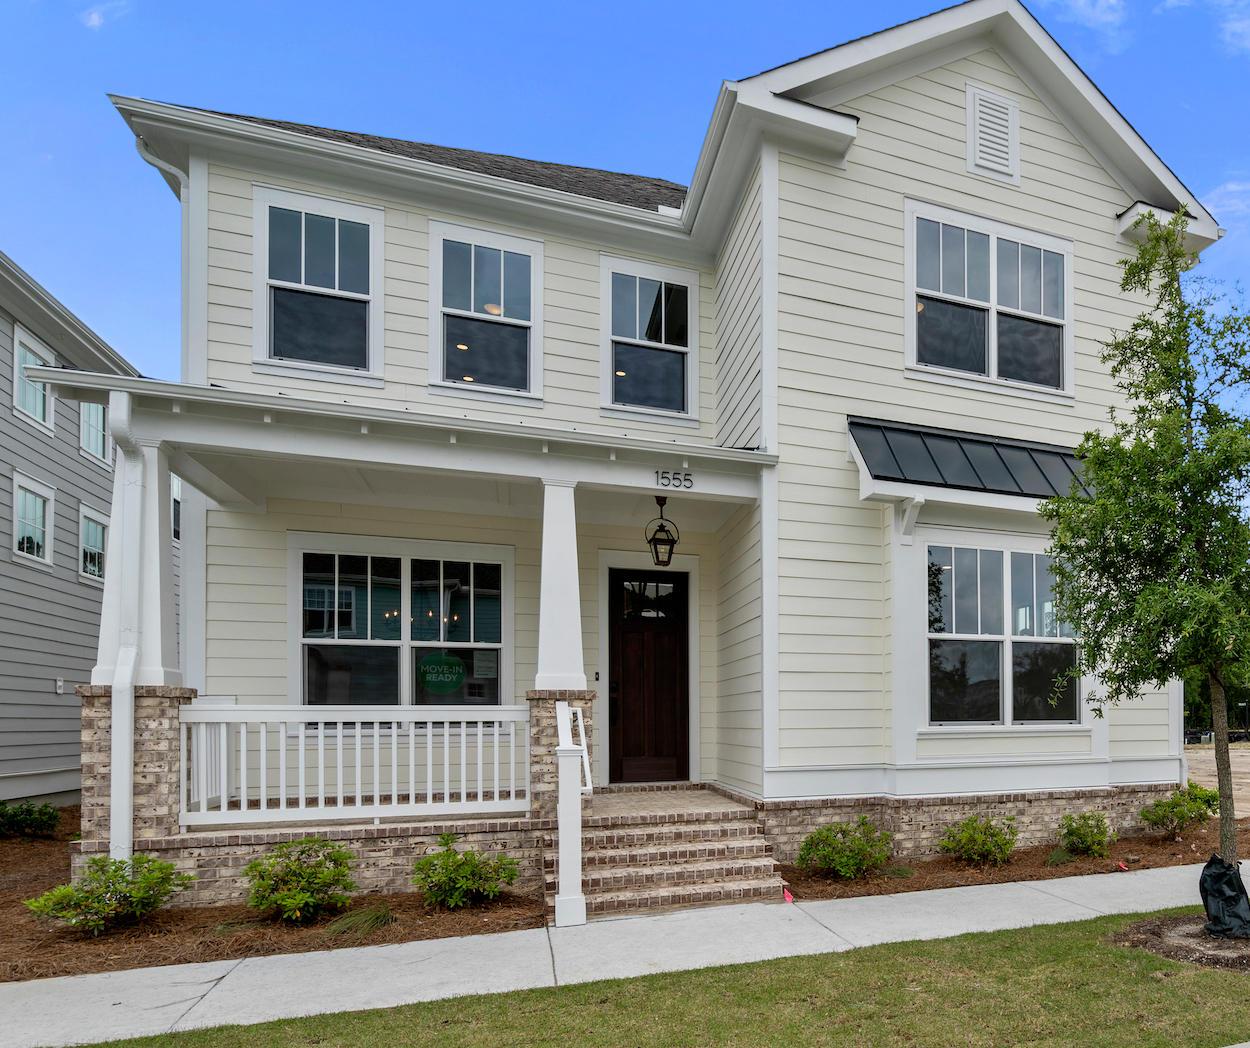 Midtown Homes For Sale - 1527 Low Park, Mount Pleasant, SC - 30